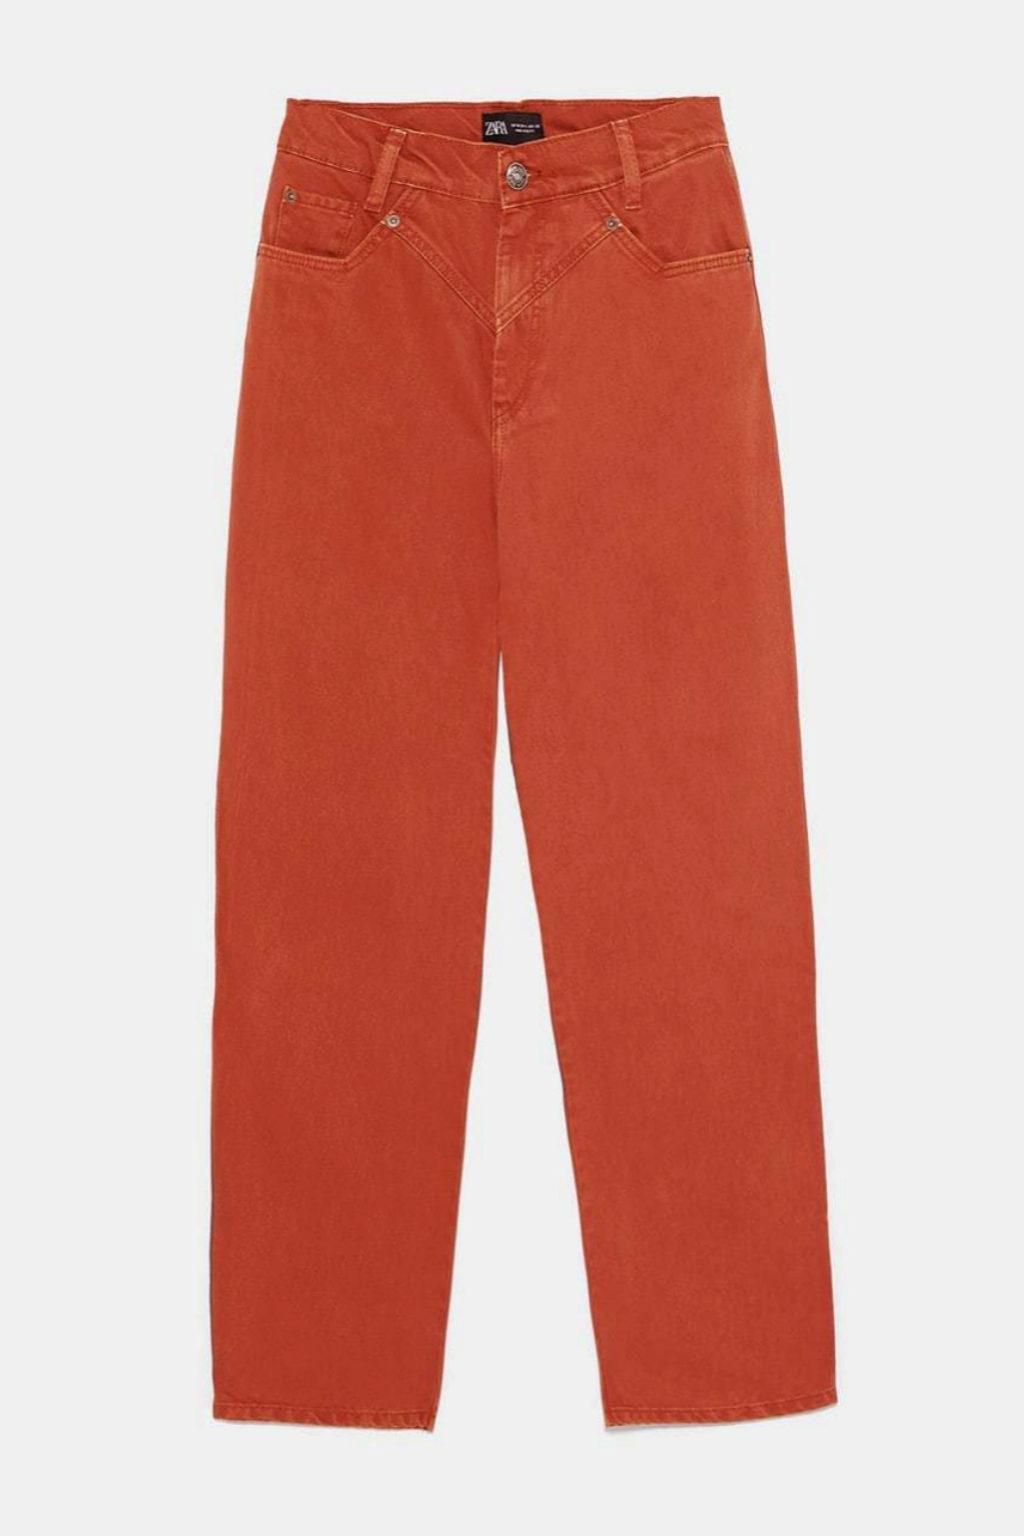 jeans caldera zara